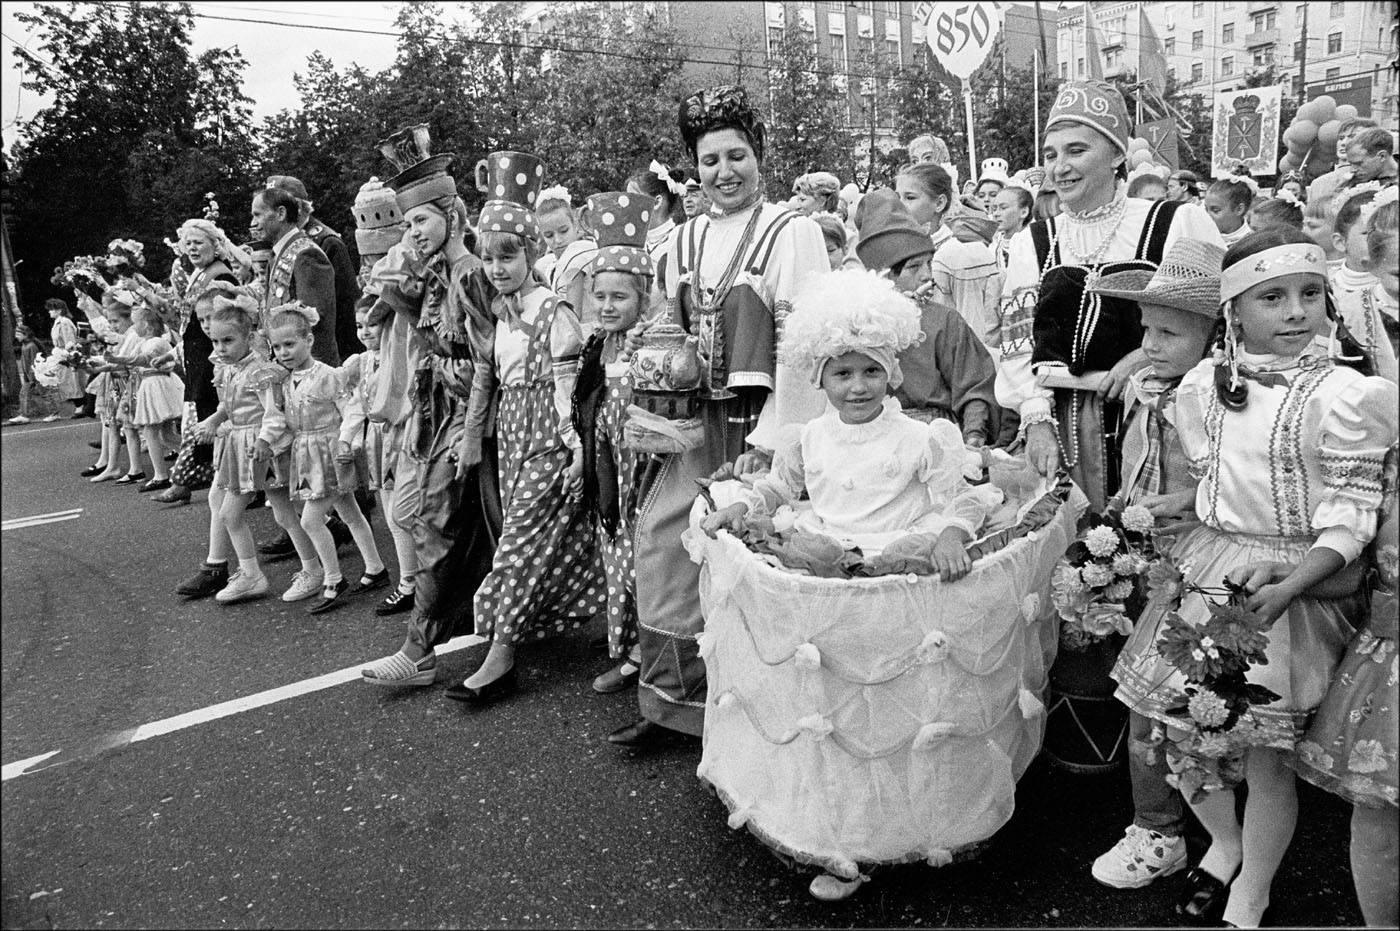 1997. Шествие в честь 850-летия Москвы